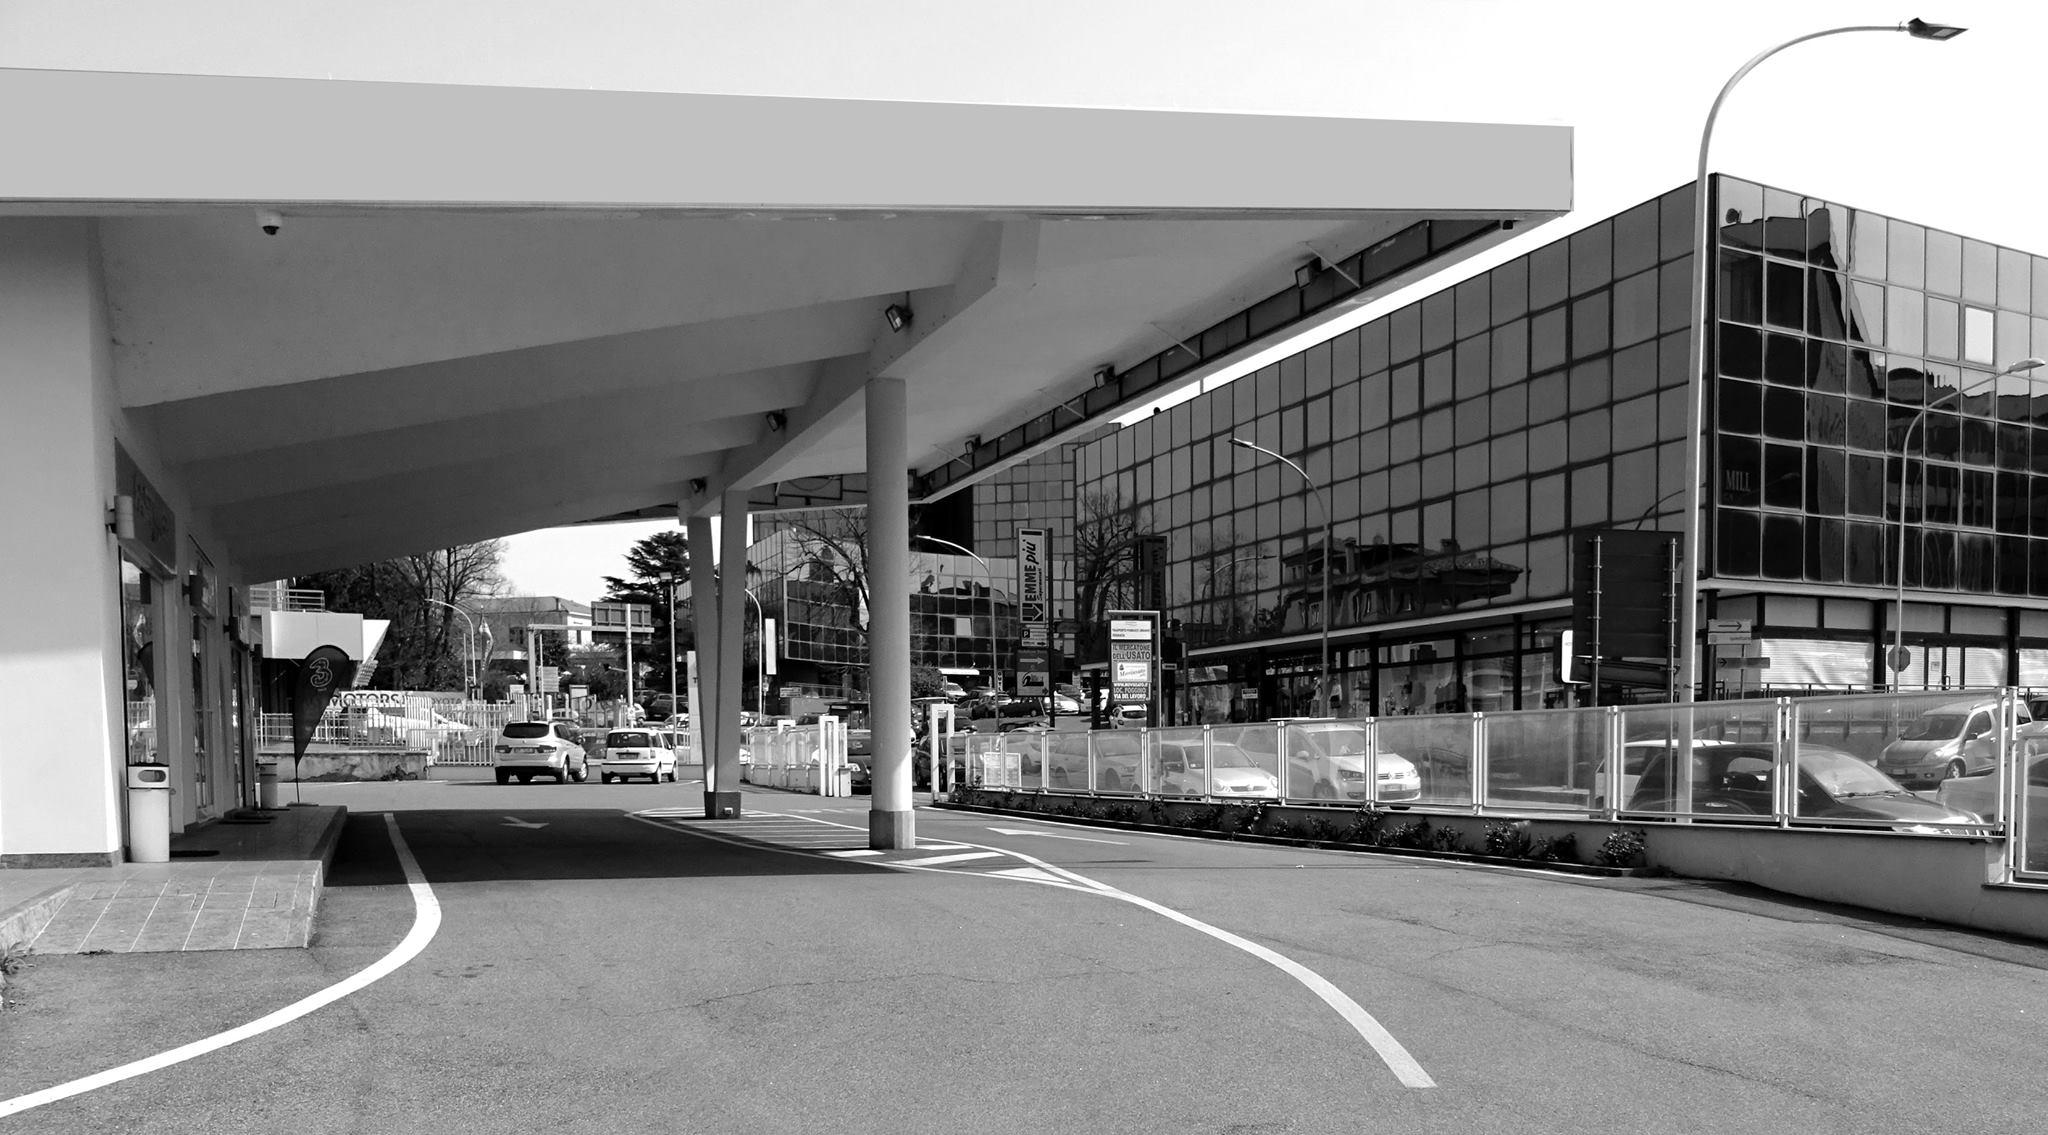 Percorsi urbani: il distributore di carburante di Viale Diaz